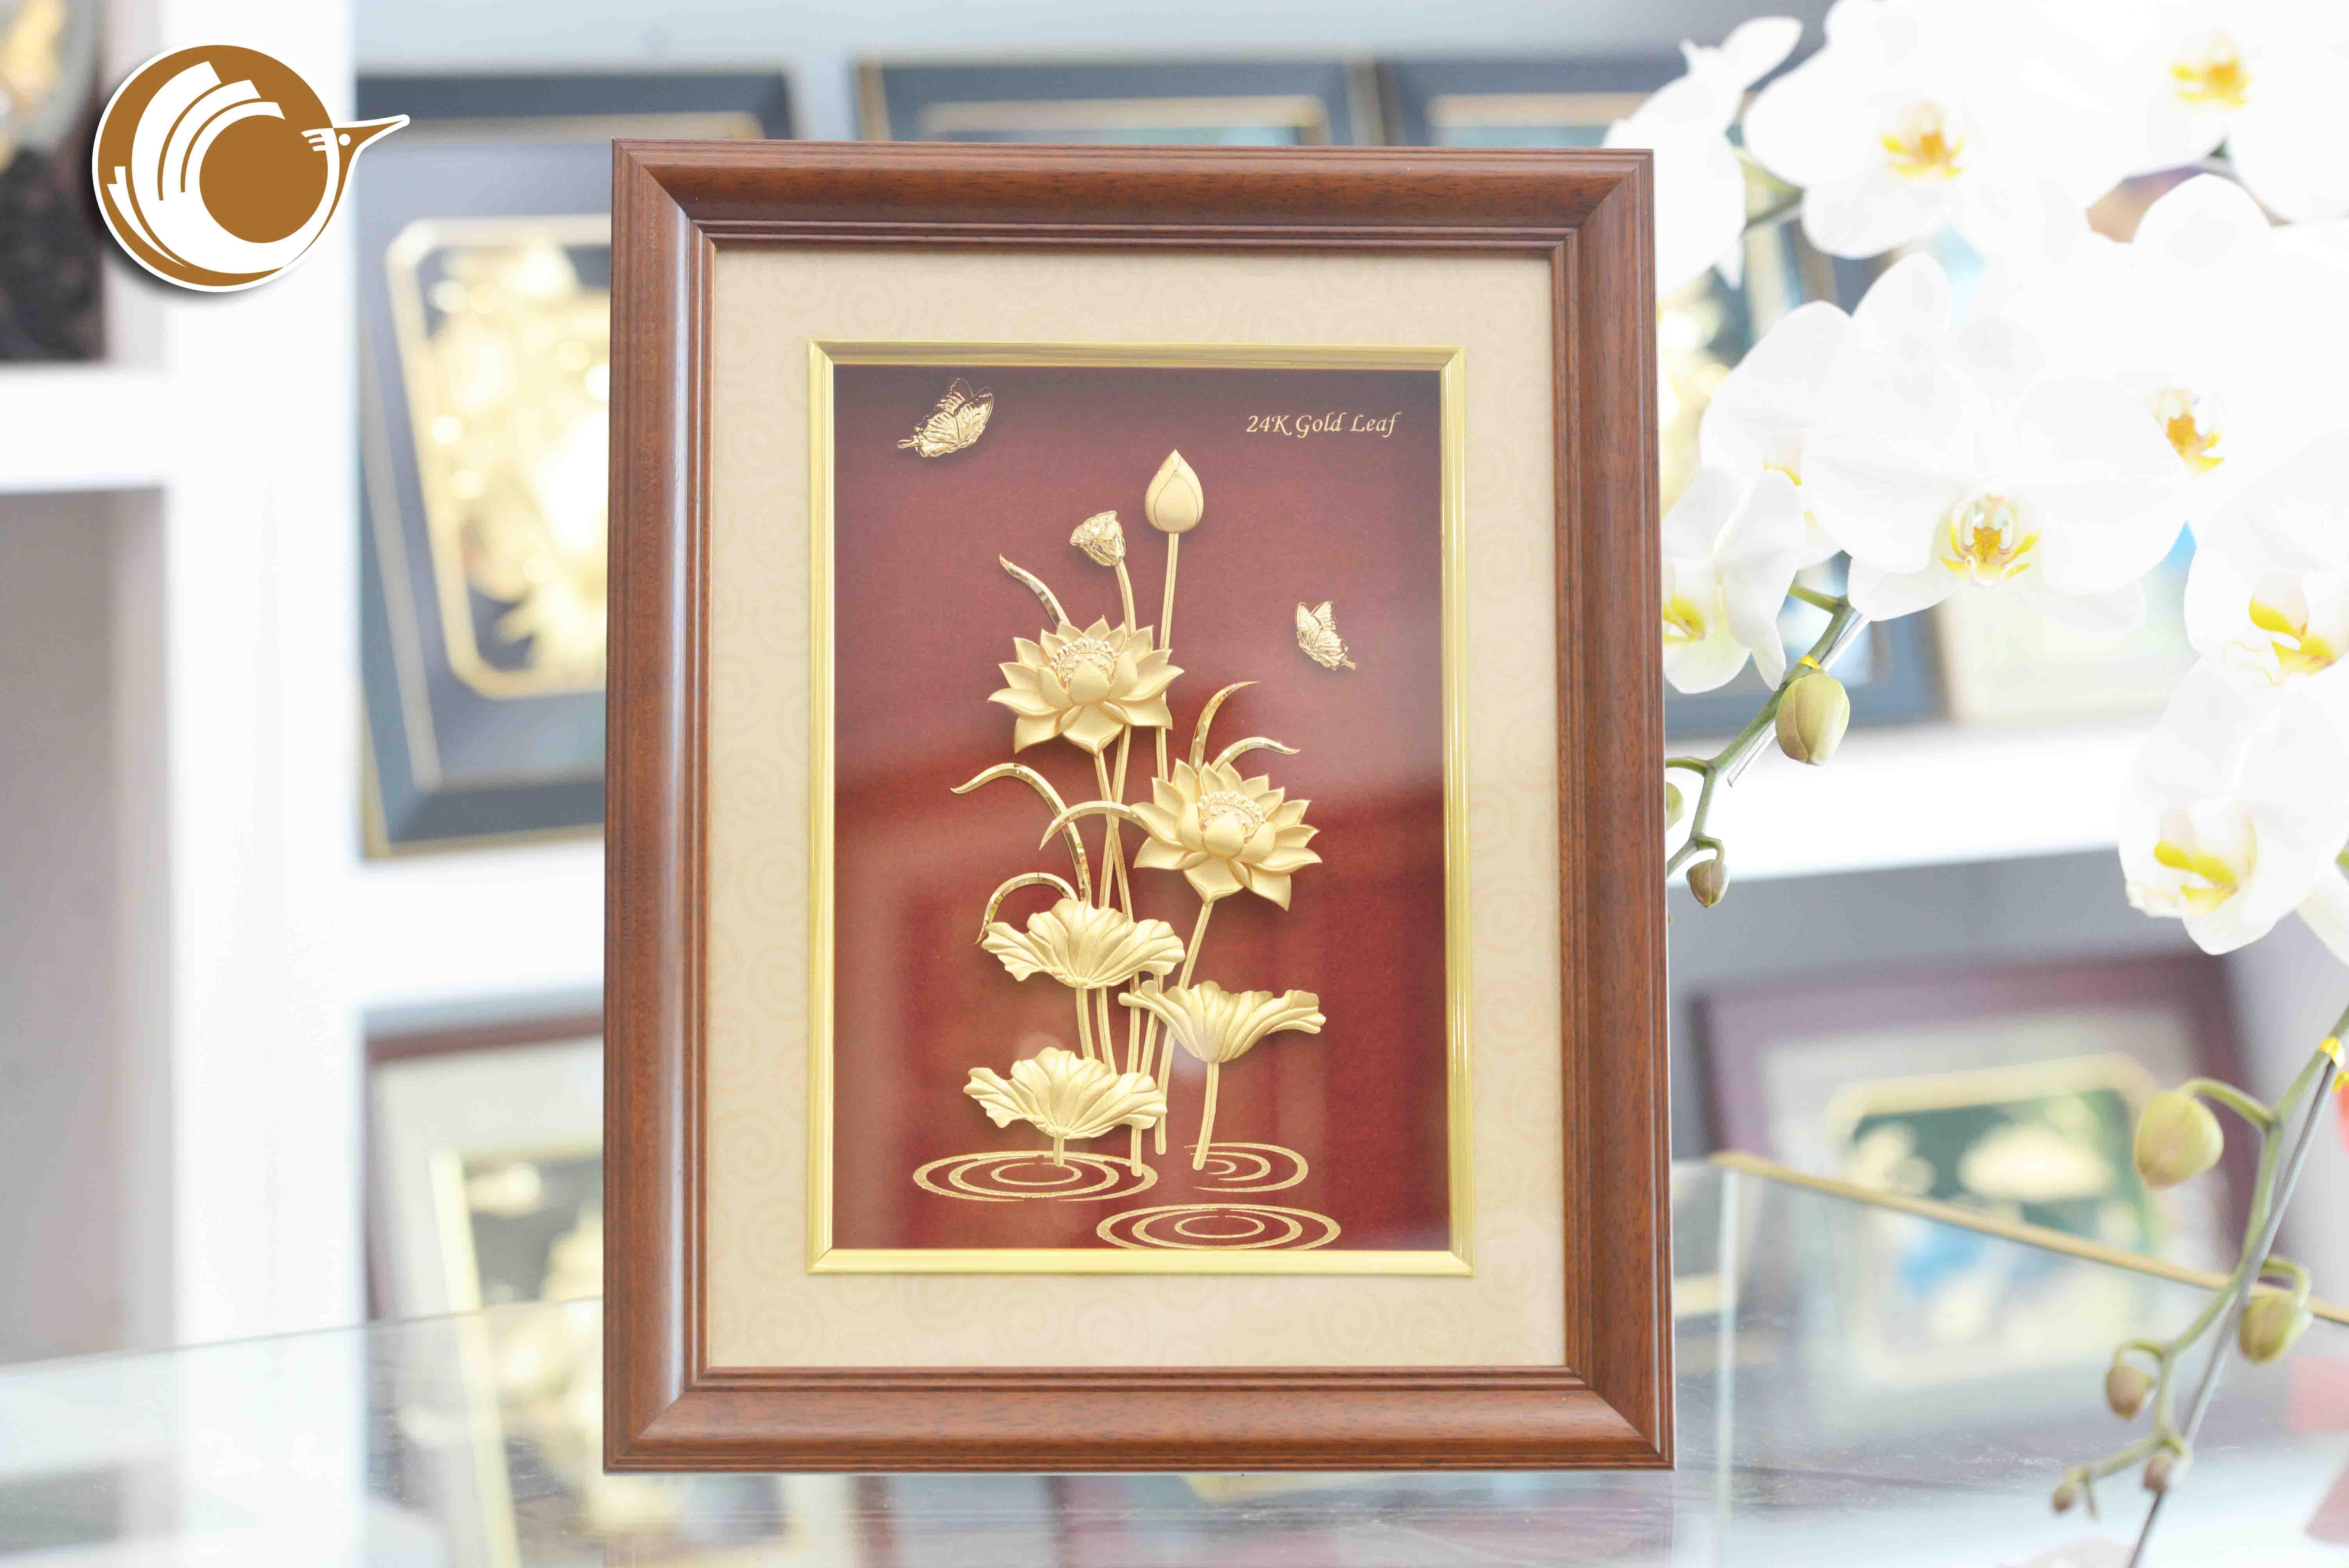 Giá bán tranh hoa sen dát vàng, quà tặng 20-10 ý nghĩa0